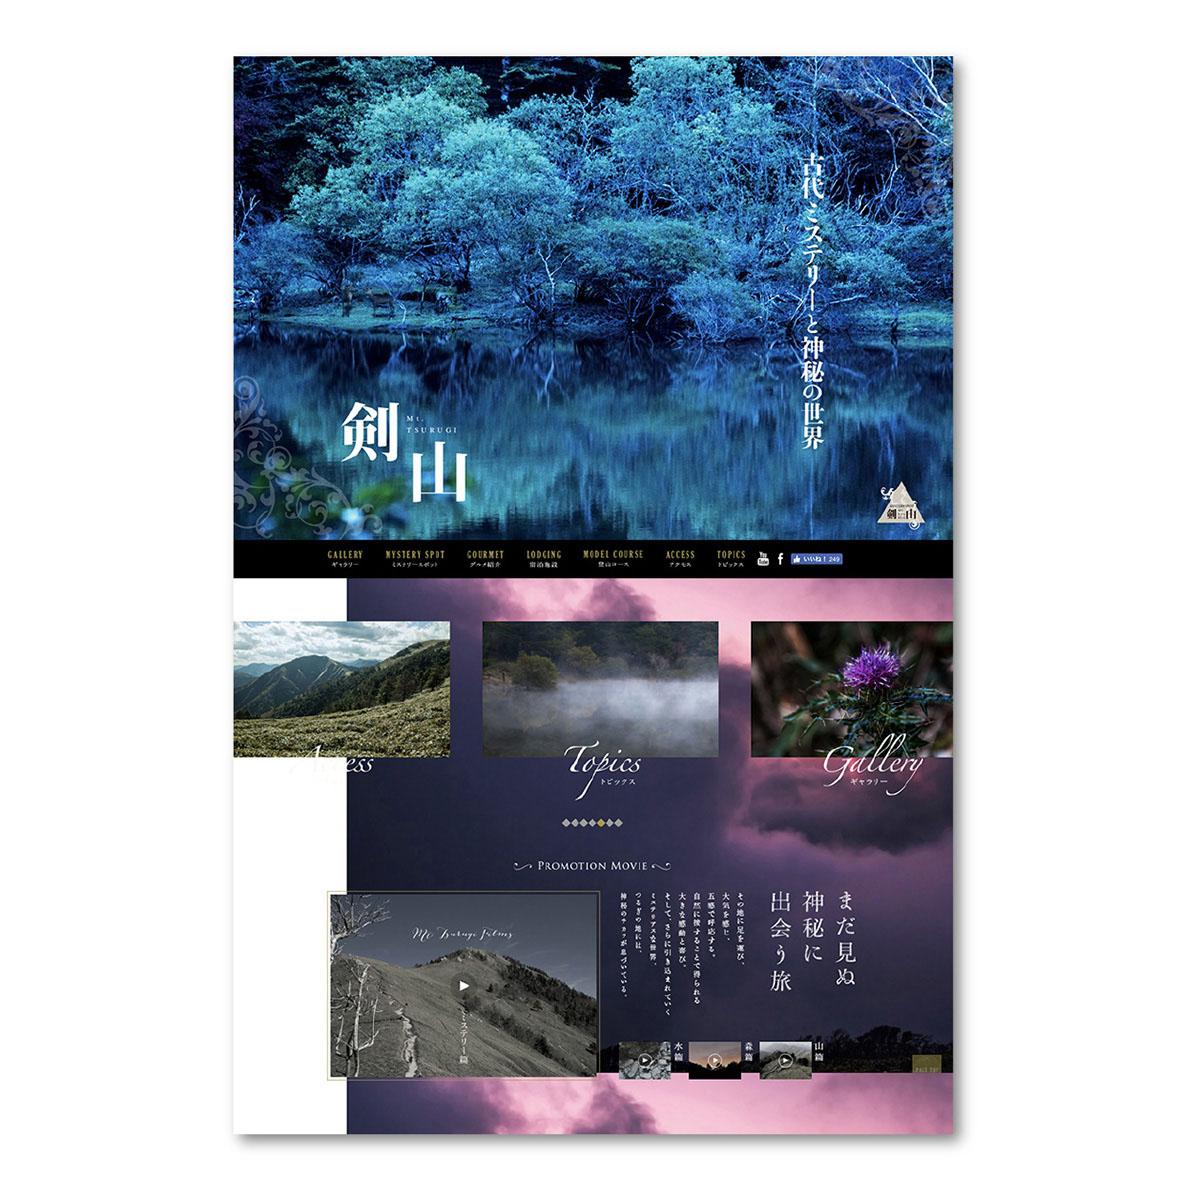 剣山 古代ミステリーと神秘の世界 webサイト